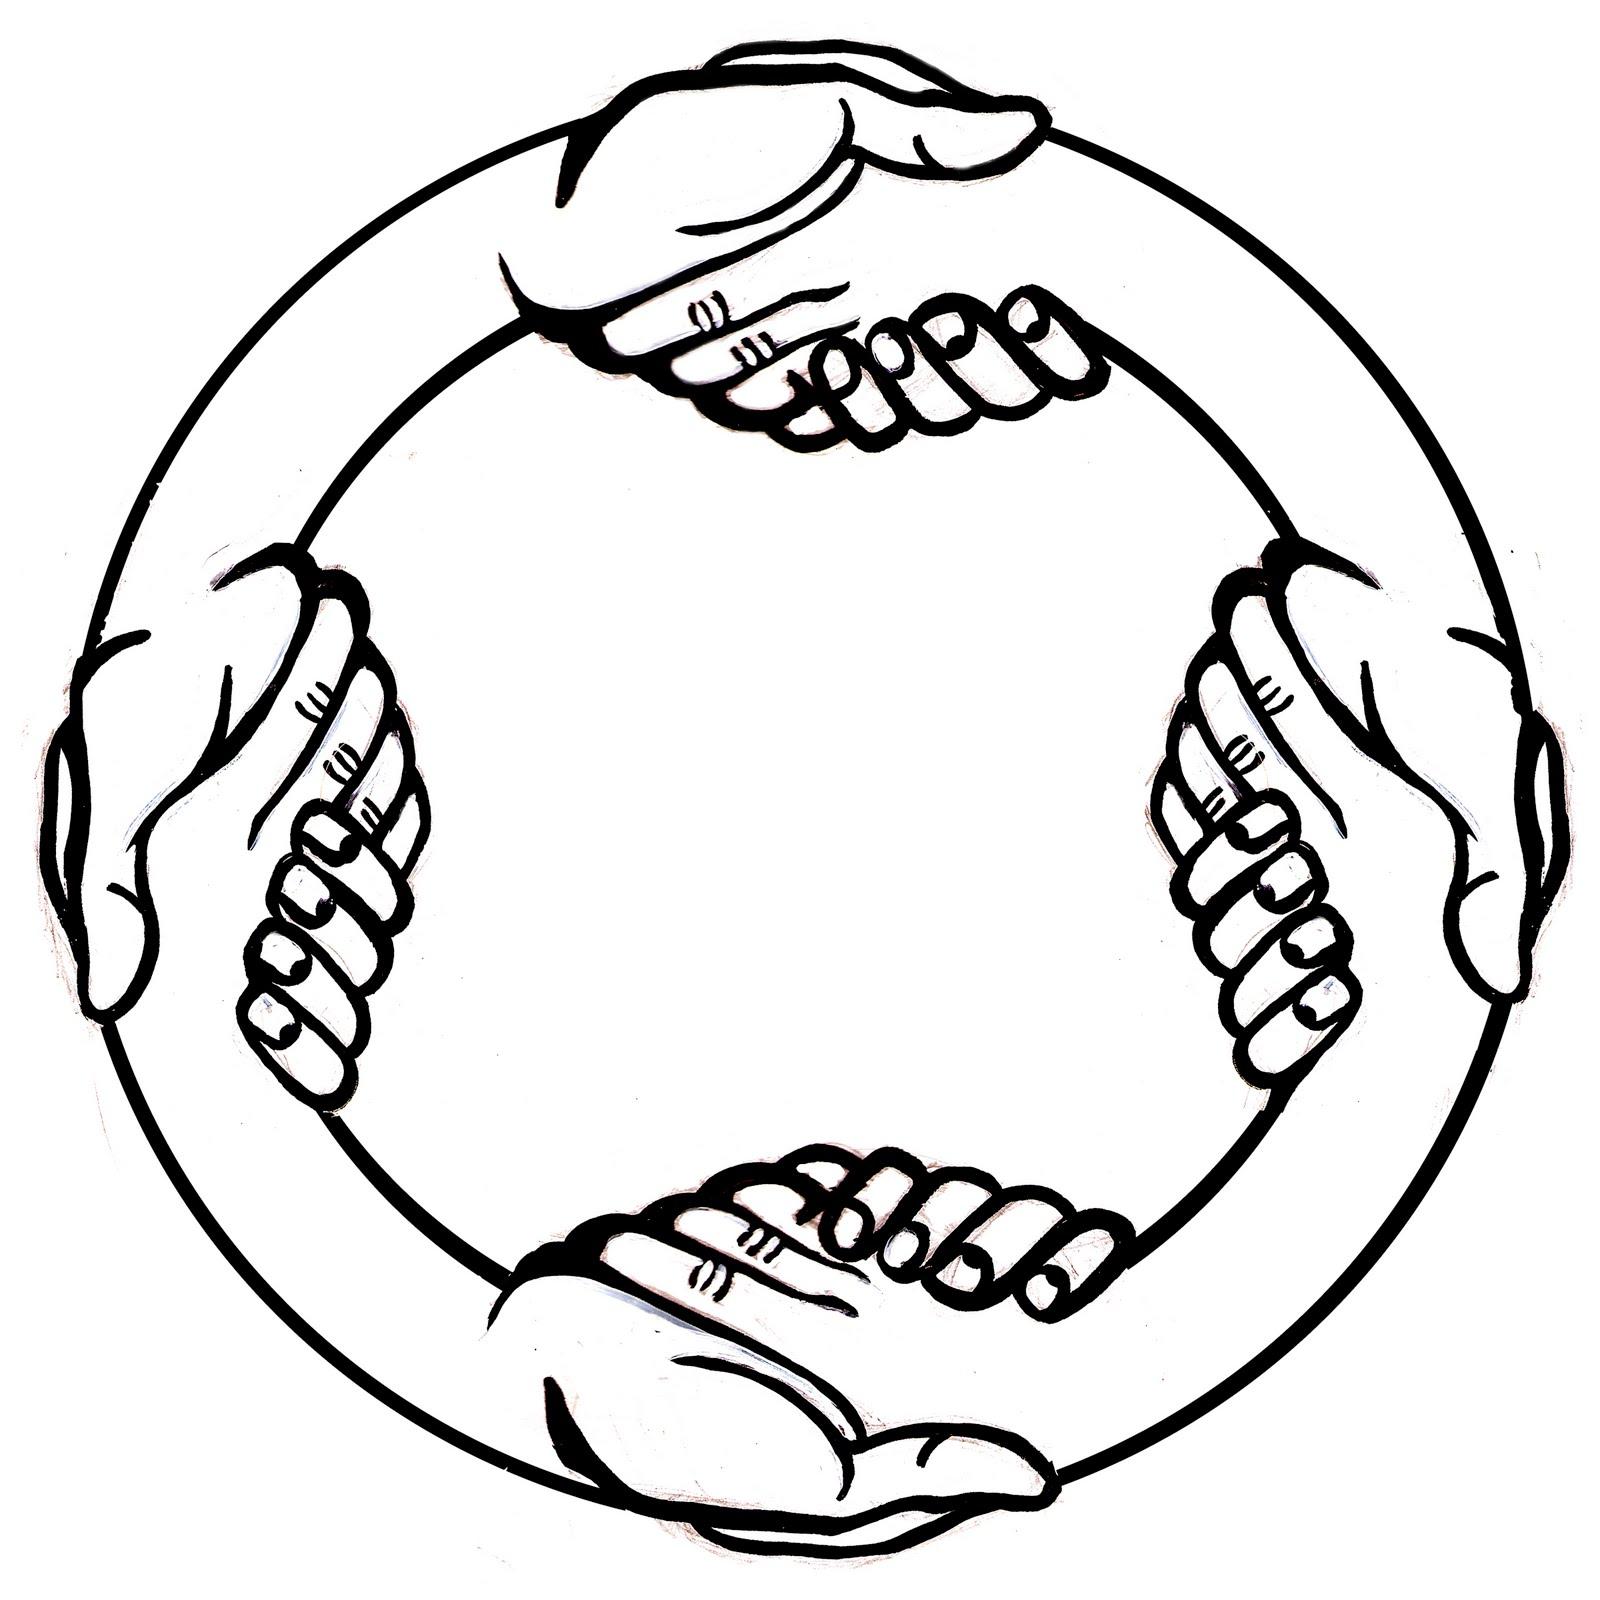 Logo clipart shake hand Shake hands clipart Handshake art